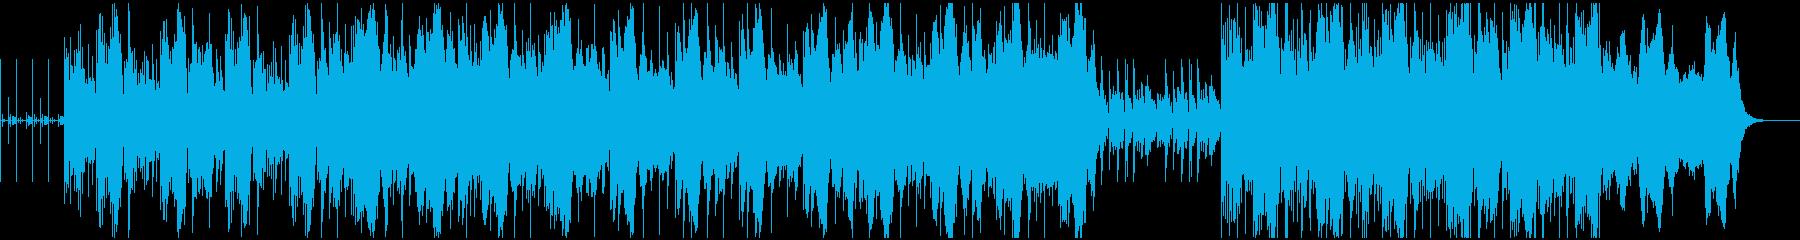 ループとコントラバスによるアンビエントの再生済みの波形